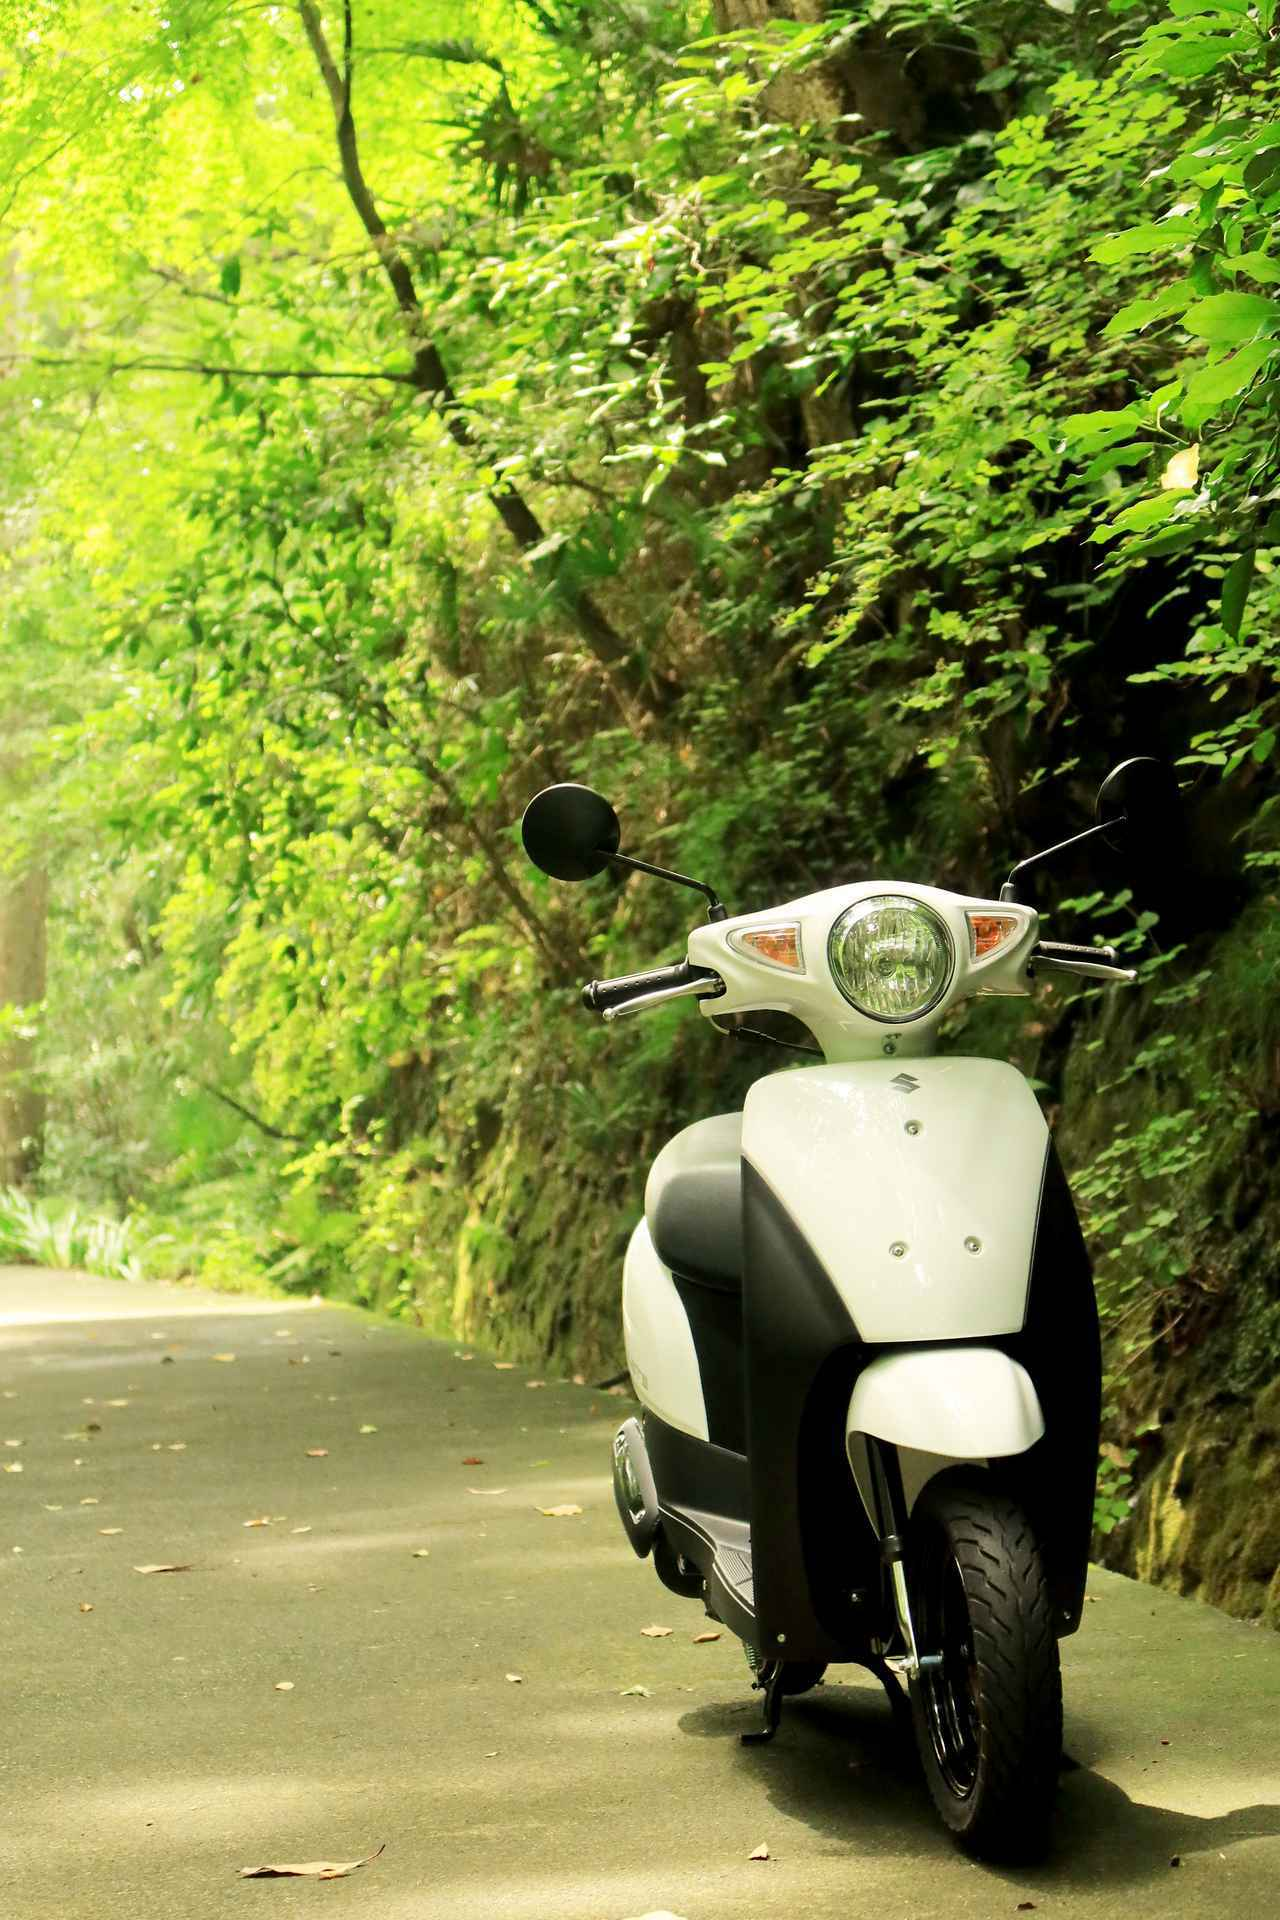 画像2: スズキ『レッツ』で鎌倉散歩! バイク初心者必見。 50cc原付スクーターのメリットやデメリットは?【穴が空くまでスズキを愛でる/レッツ 試乗インプレ⑥】